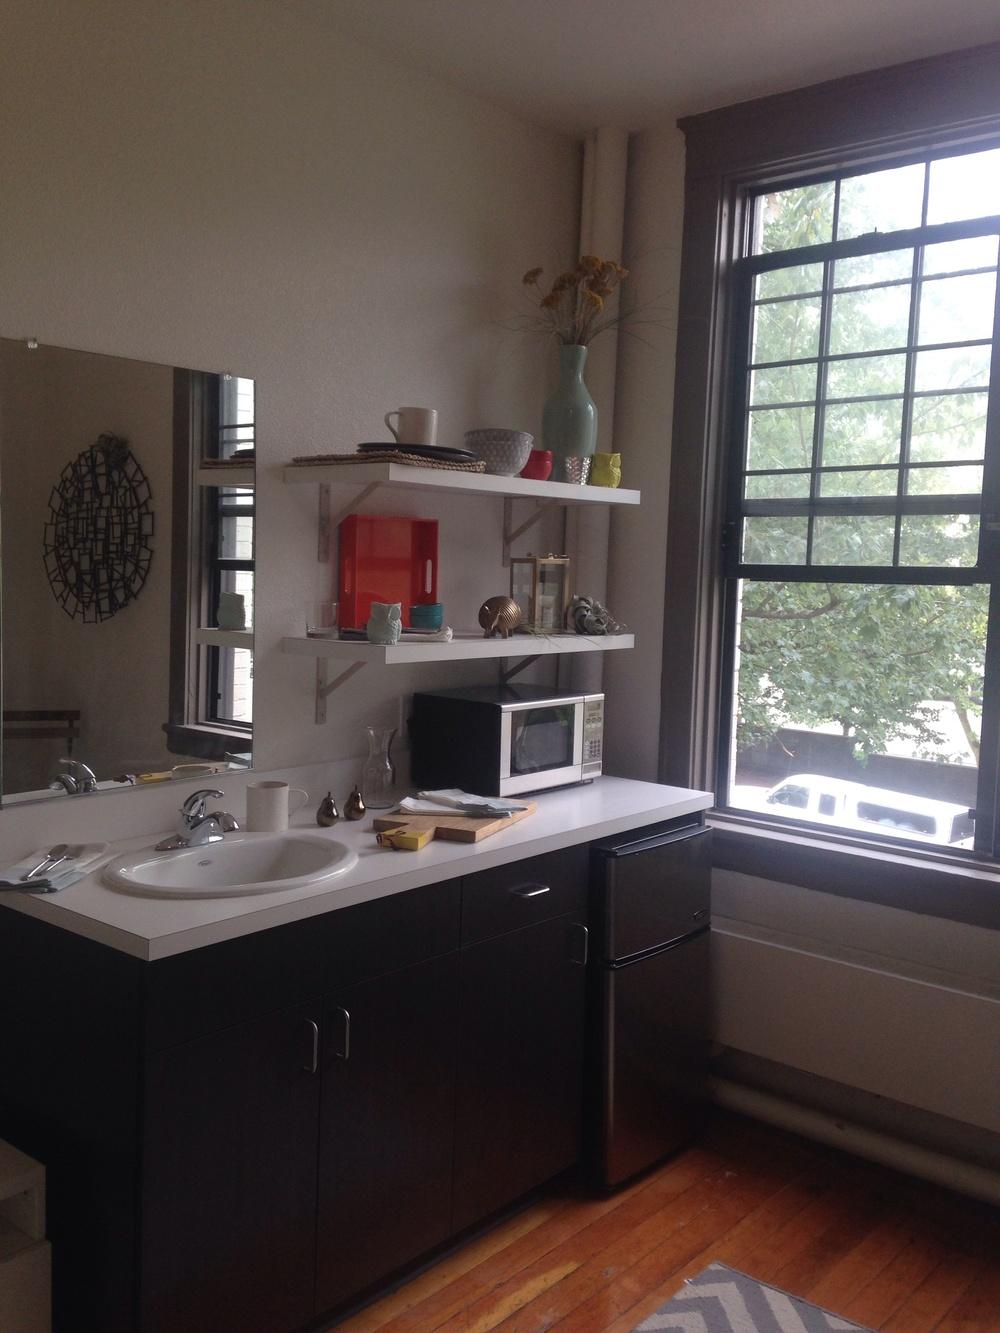 kitchen+micro+studio+2.jpg